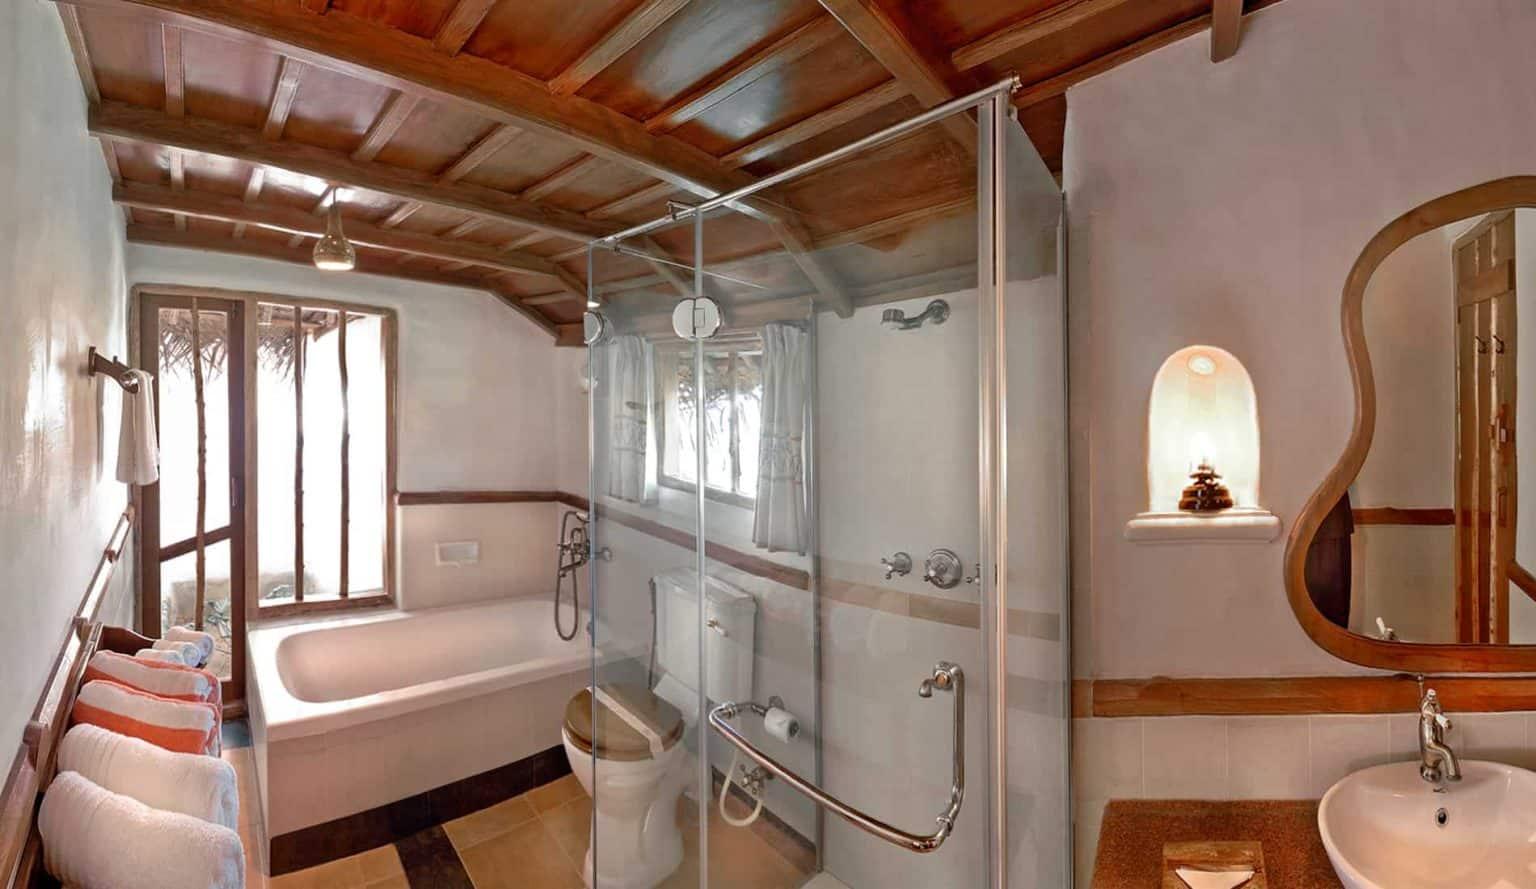 Kabini Hotel Bathroom